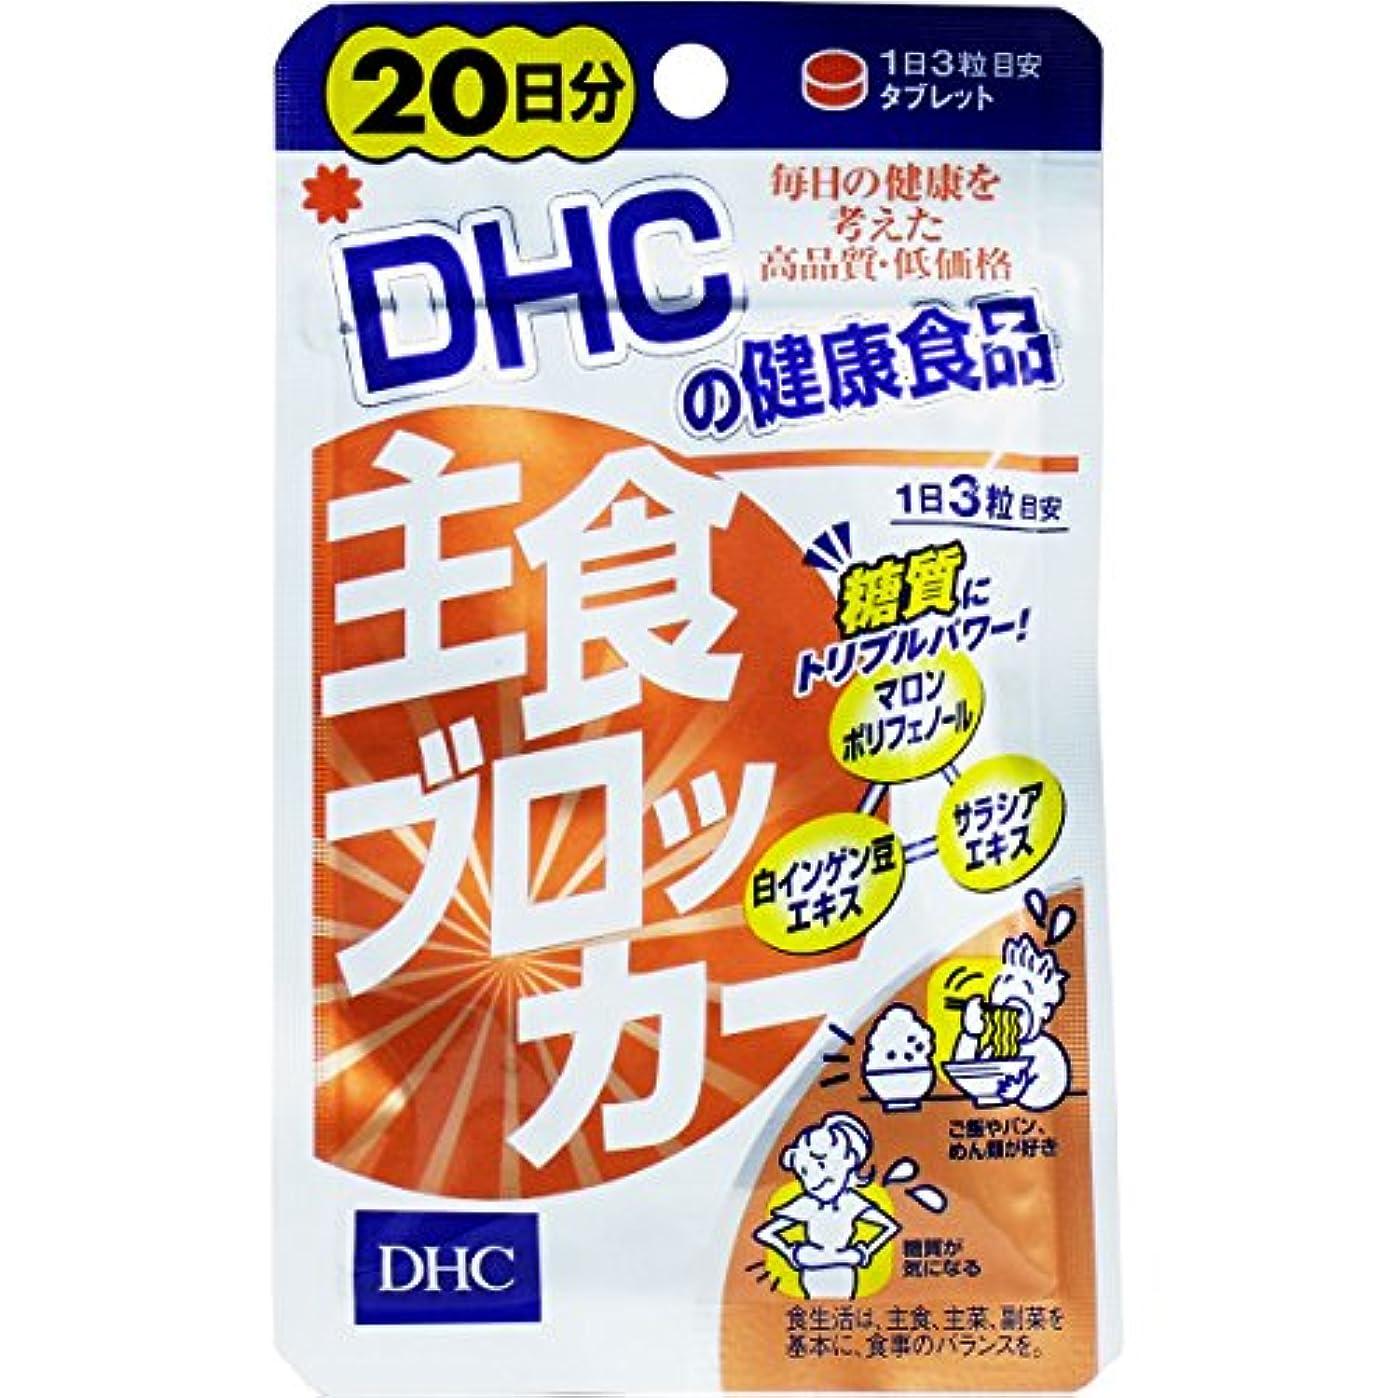 オズワルドポジティブスケッチダイエット トリプルパワーでため込み対策 栄養機能食品 DHC 主食ブロッカー 20日分 60粒入【2個セット】